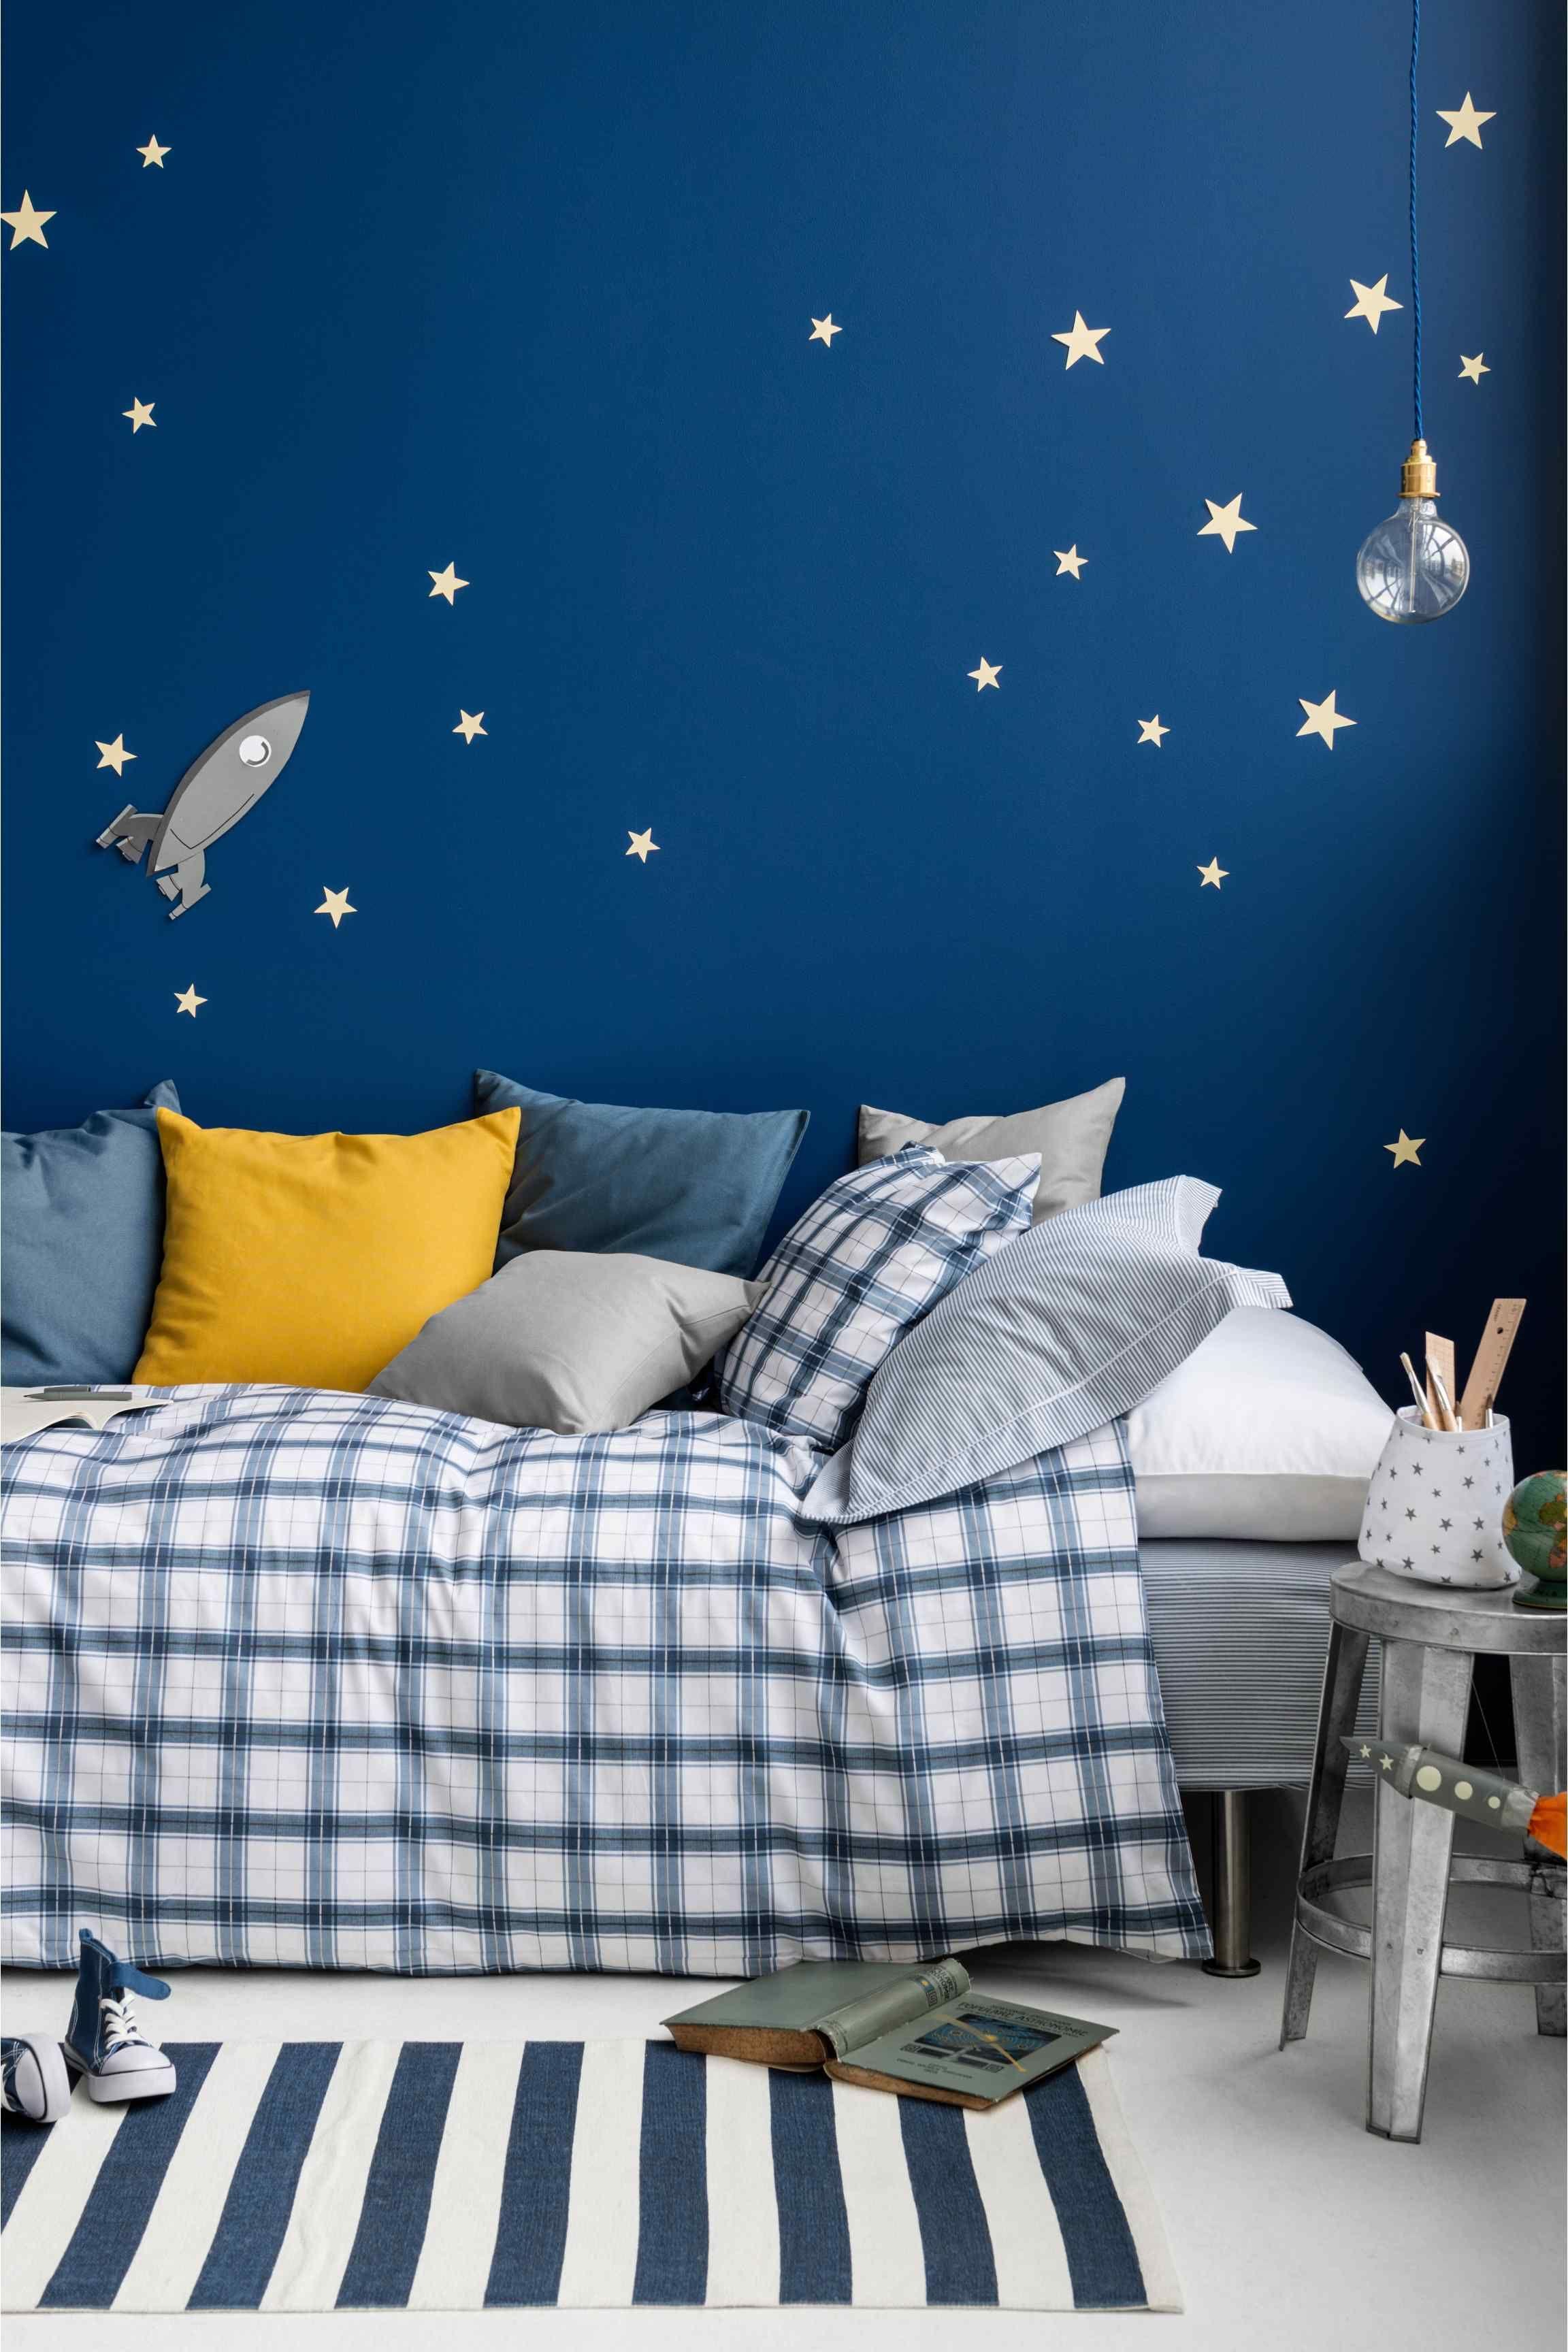 Space Bedroom Wallpaper Conjunto De Edredalbo Starry Nights Glow And Kid